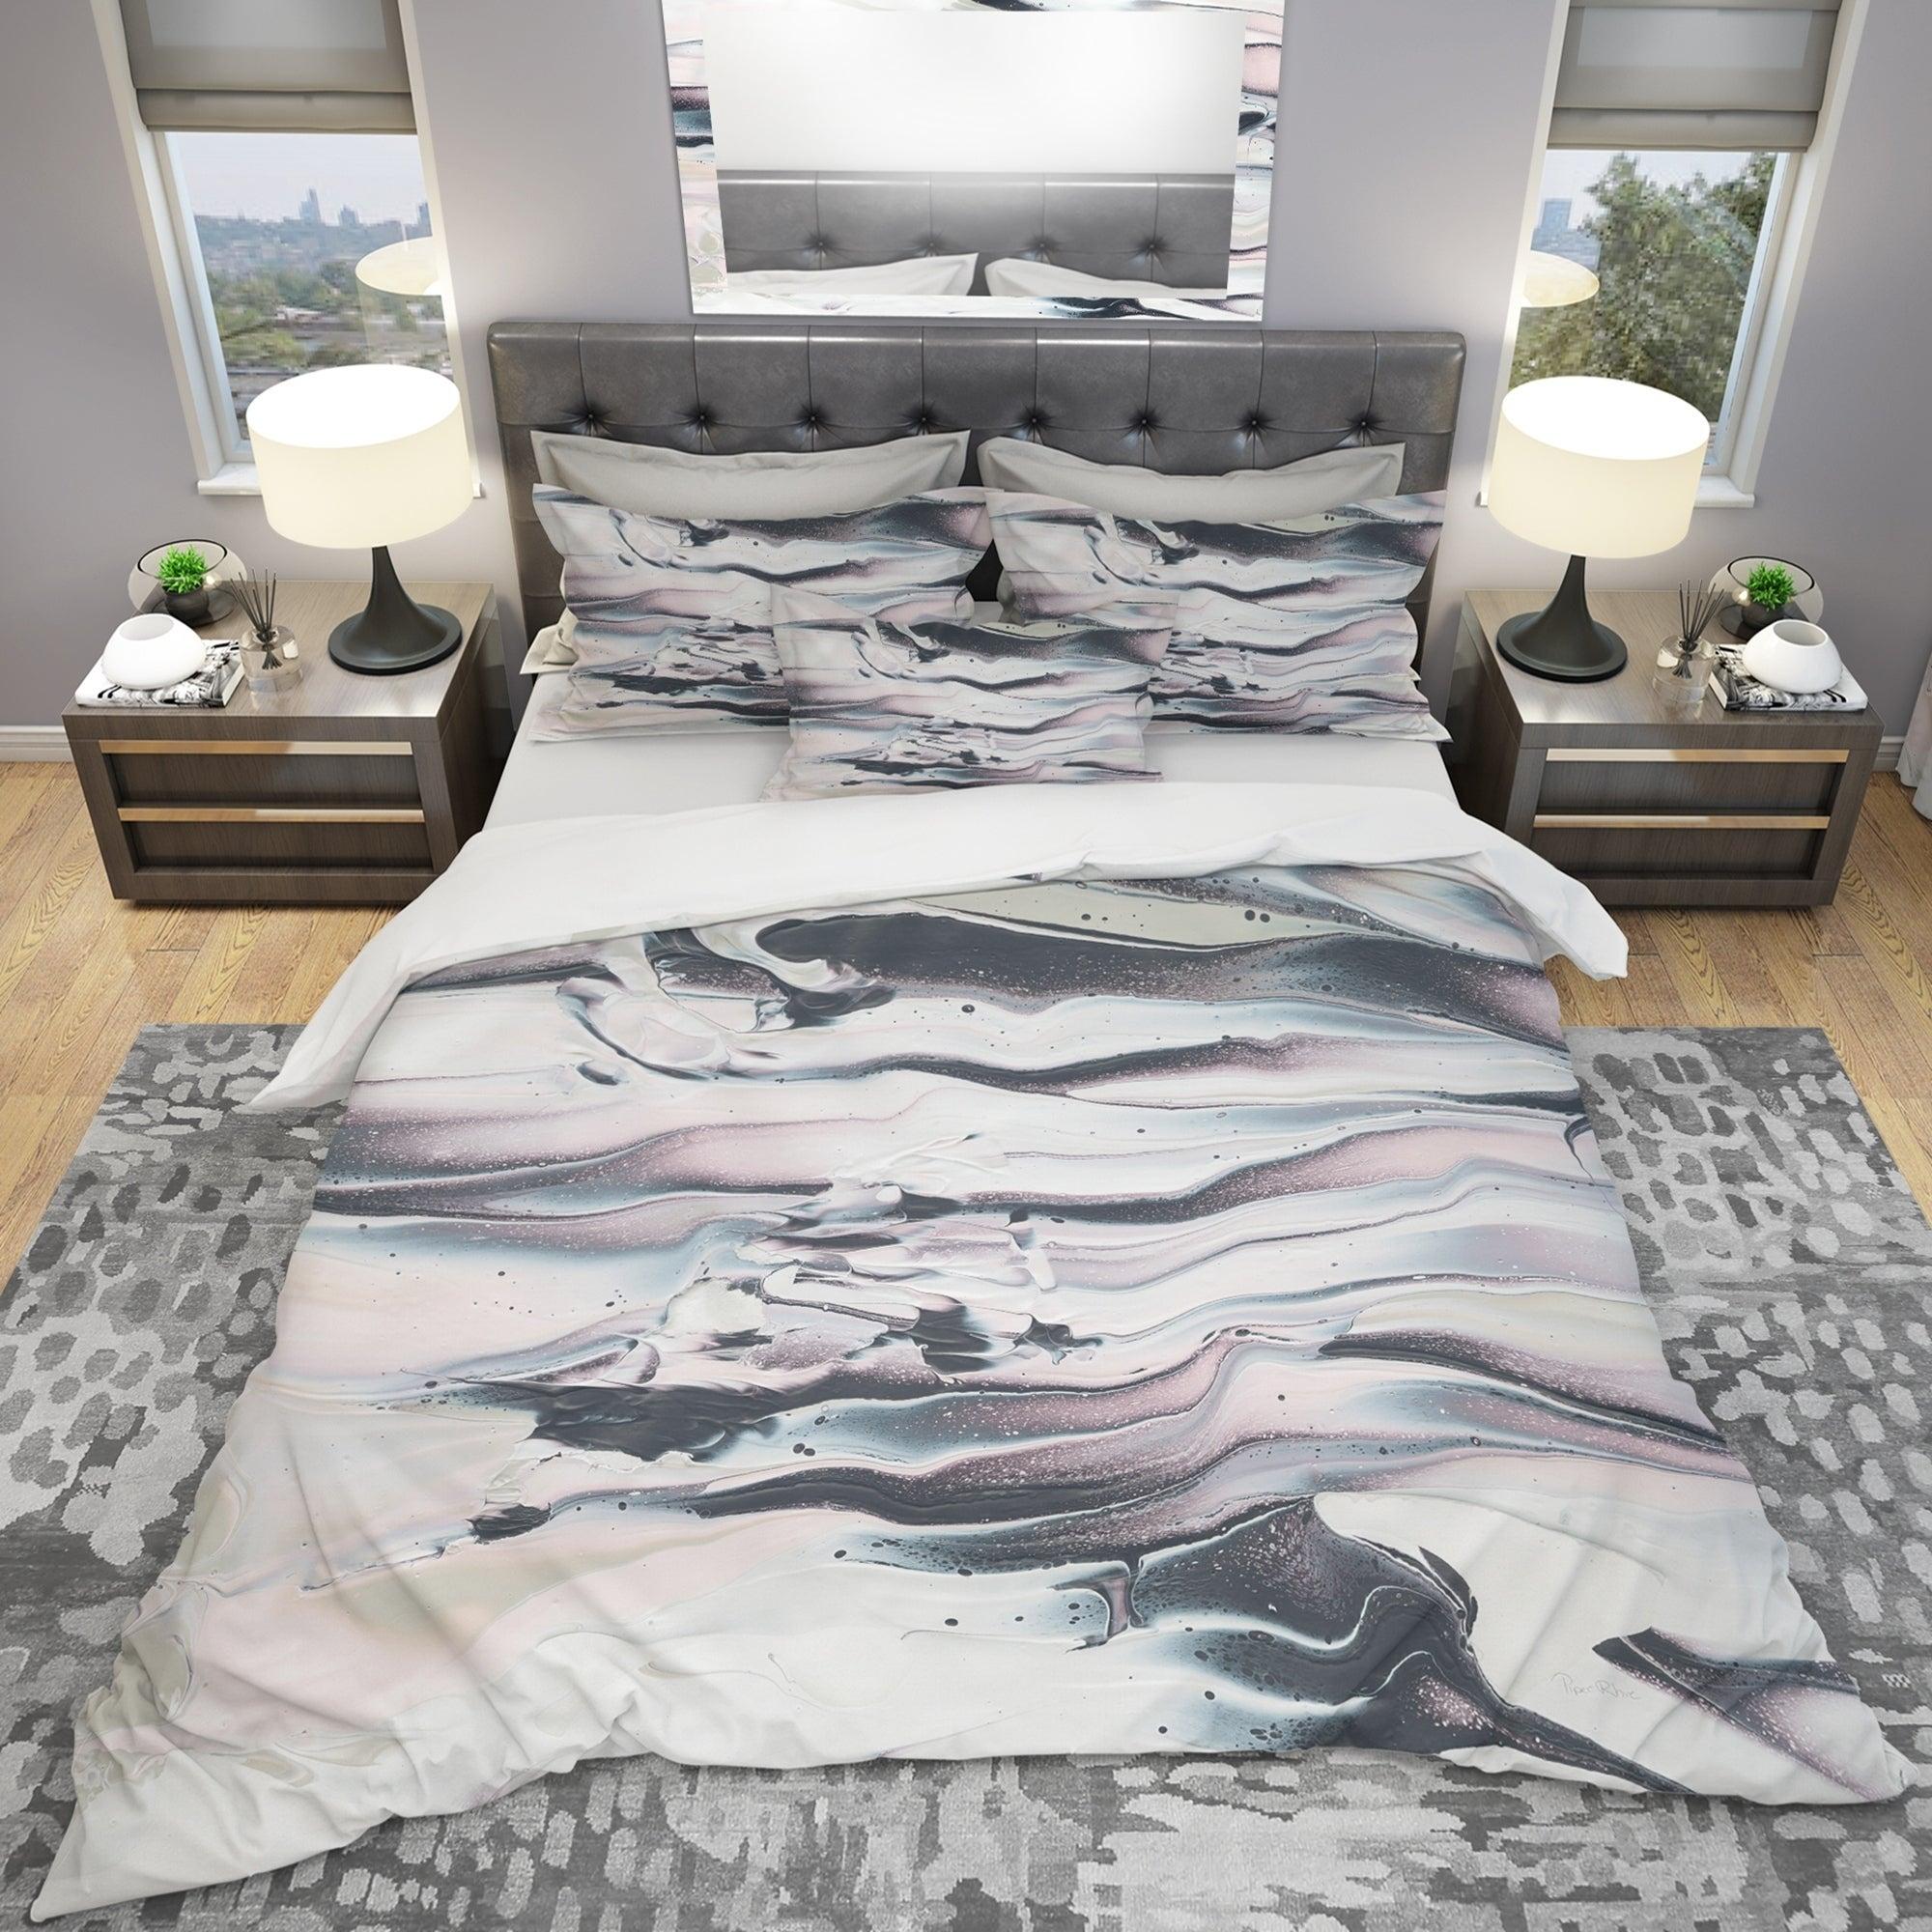 Designart Grey Marbling V Geometric Bedding Set Duvet Cover Shams On Sale Overstock 25971212